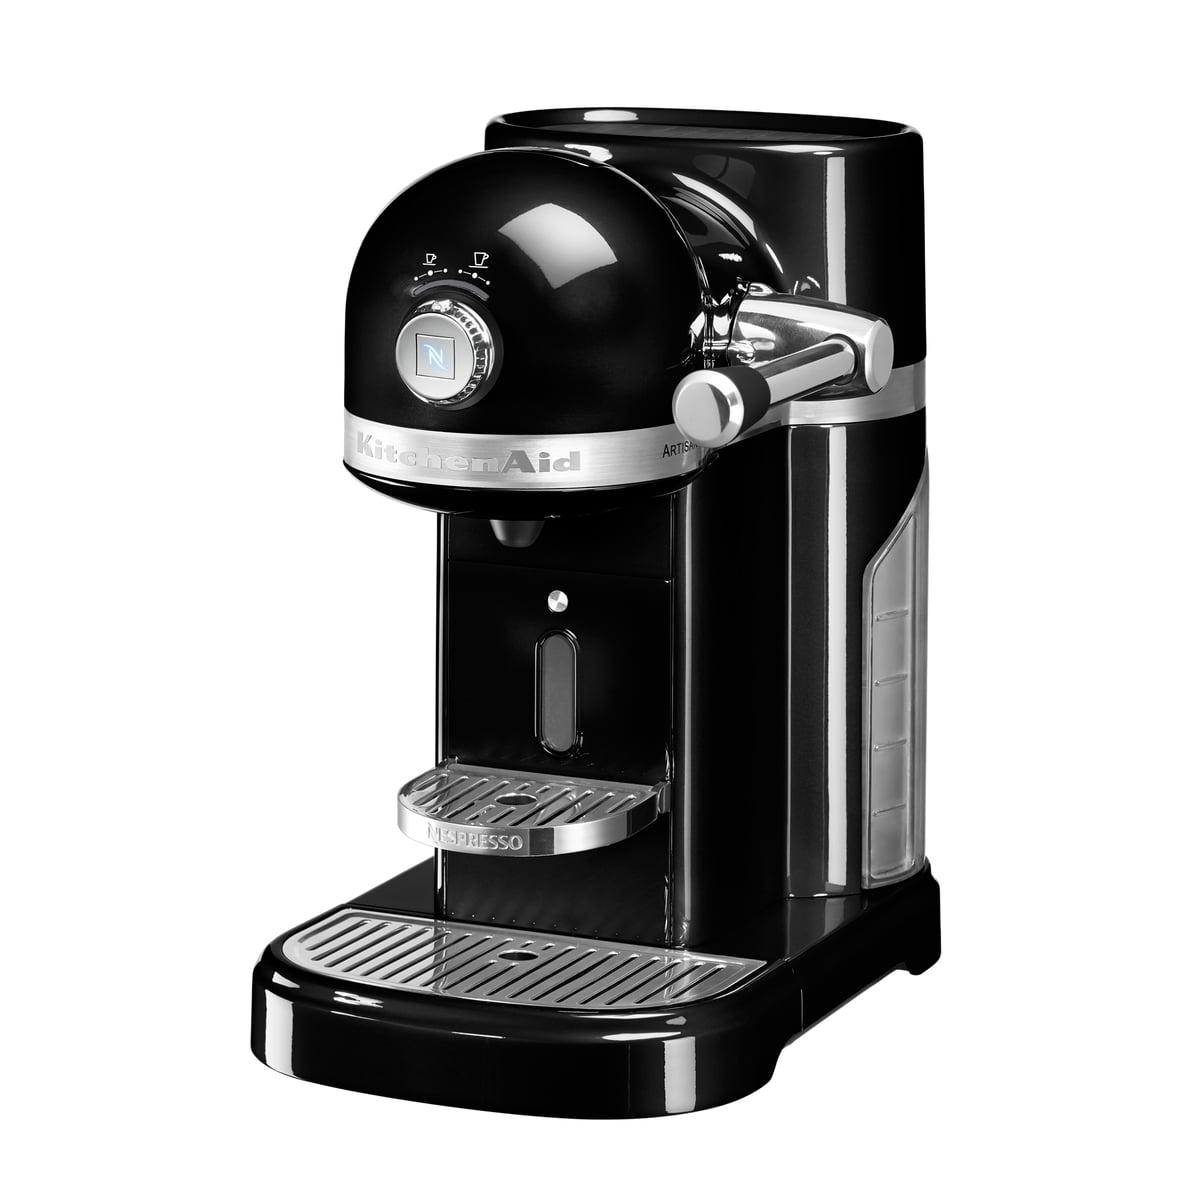 Kitchen Aid KitchenAid - Artisan Nespresso, onyx schwarz | Küche und Esszimmer > Kaffee und Tee > Espressomaschinen | Schwarz | Metallgehäuse | Kitchen Aid